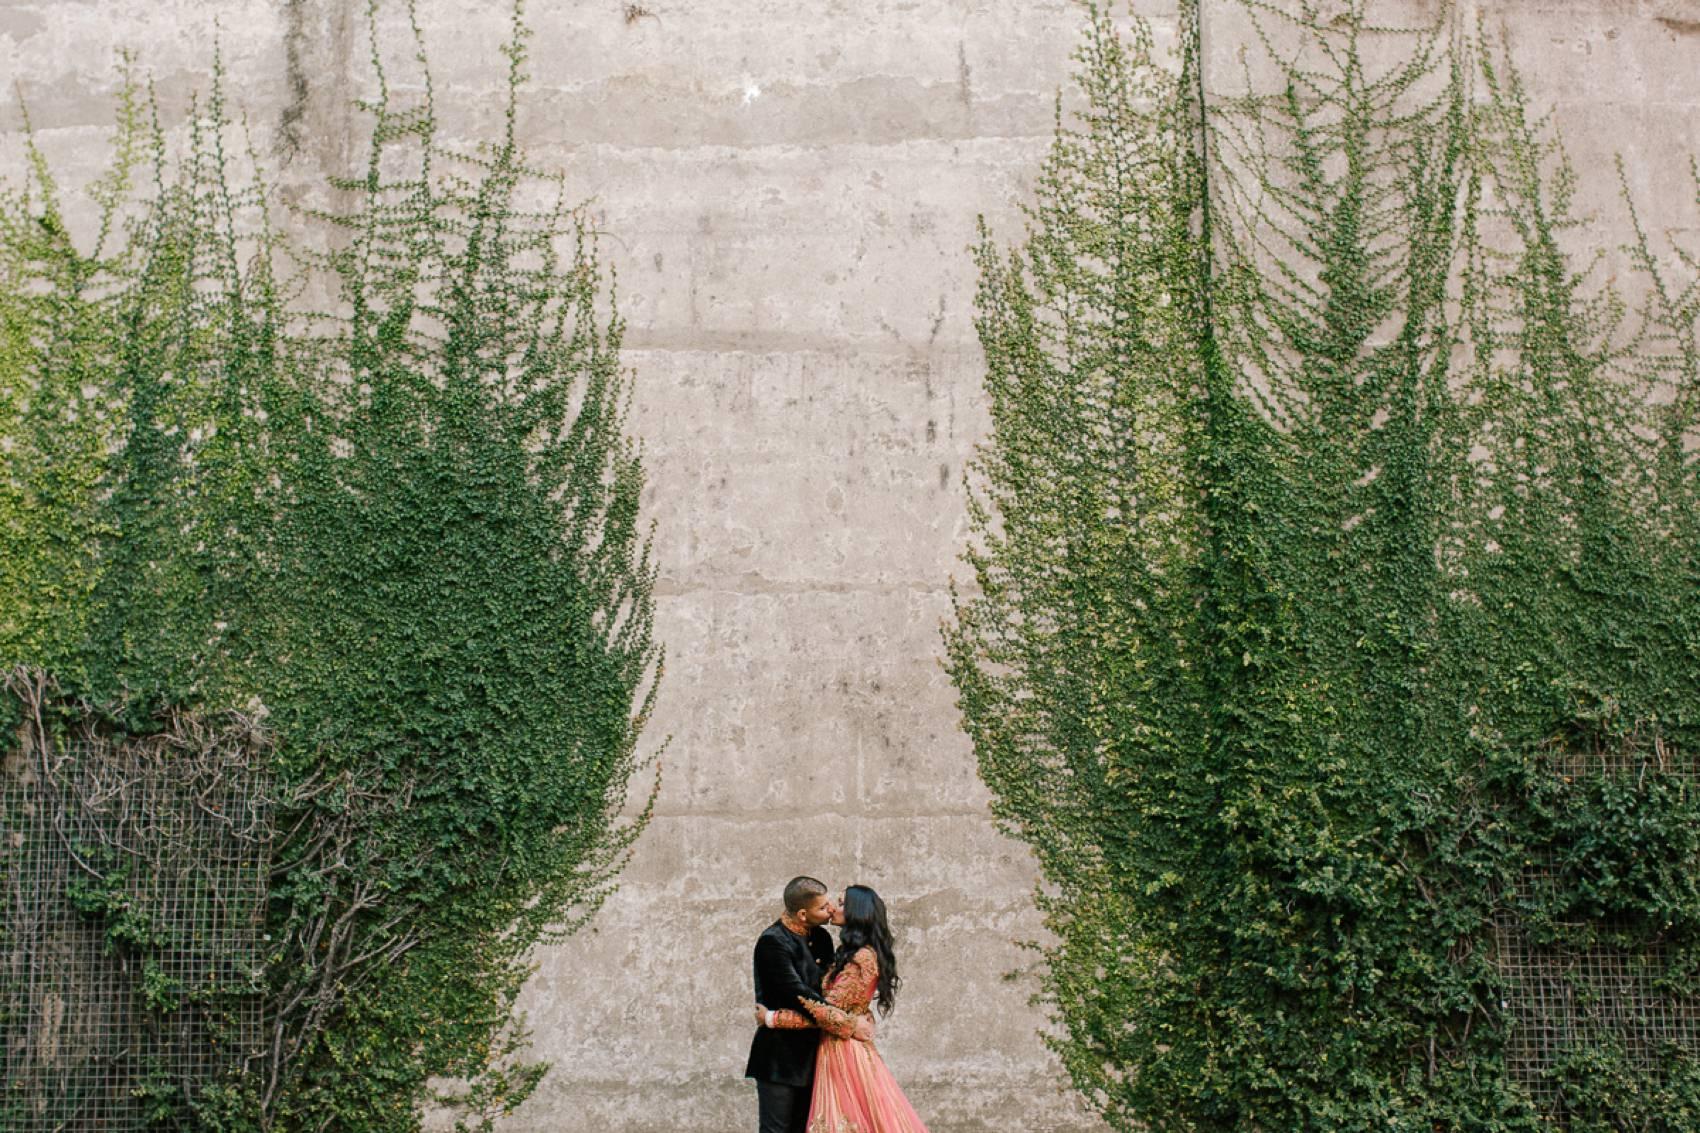 Indian-Wedding-Photography-Maala-Rohan_0293